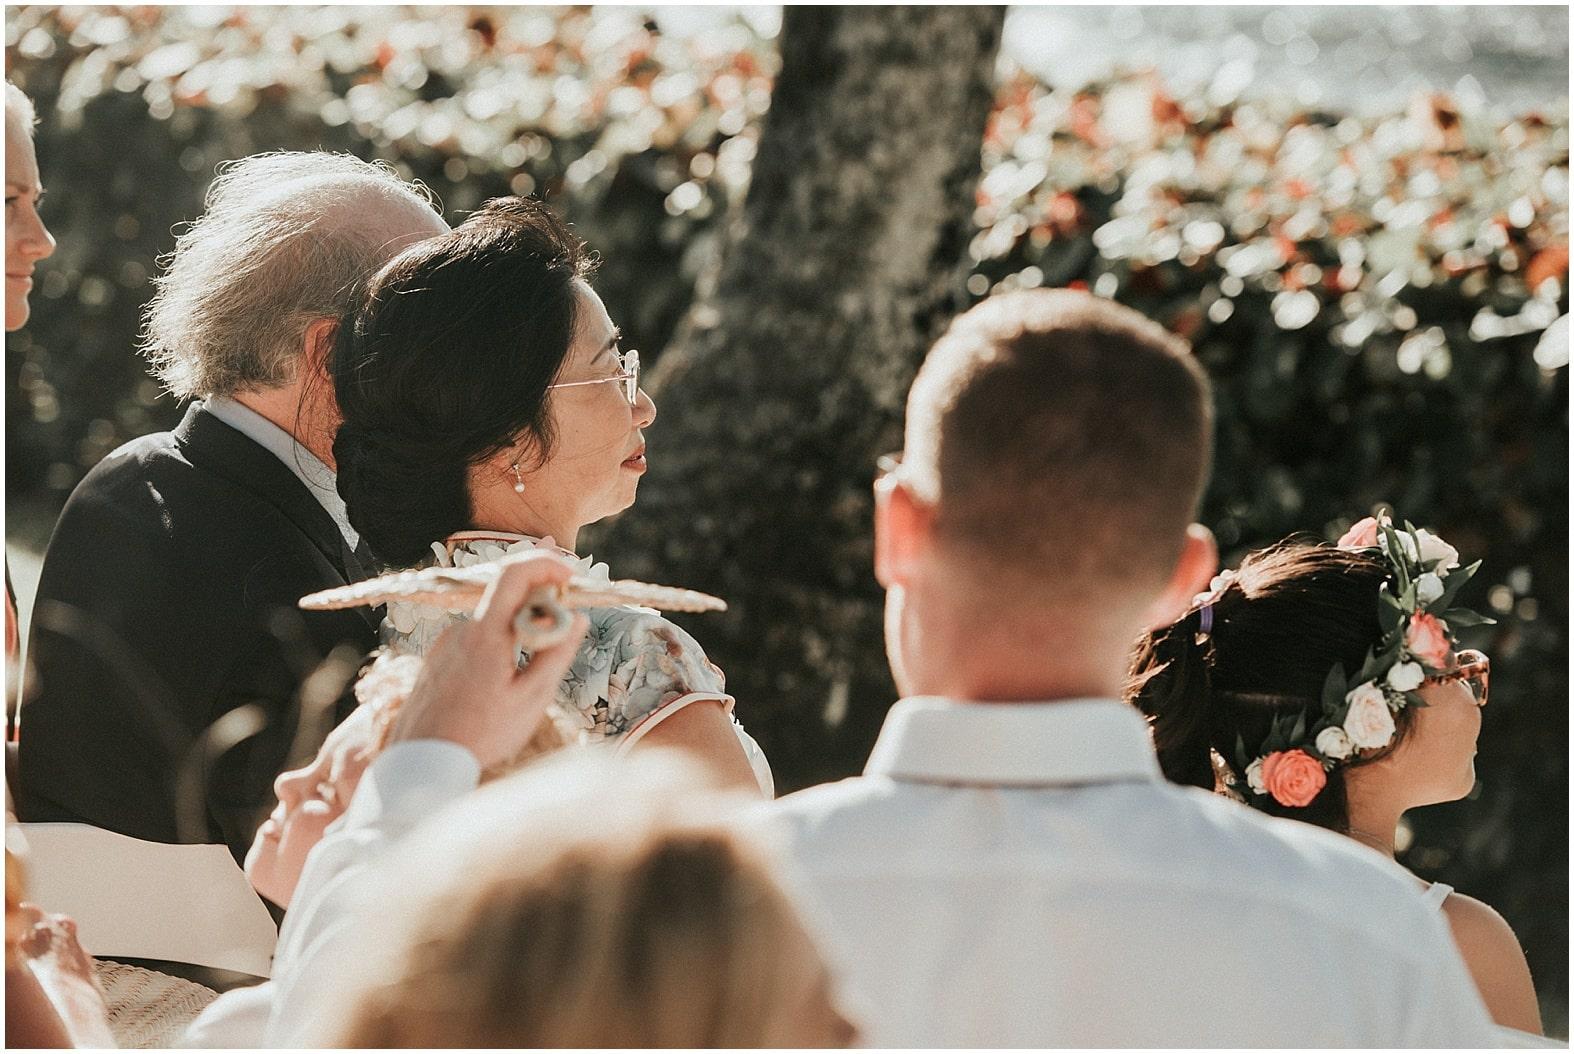 Allana and Ryan ~ Wedding day in Kapalua, Hawaii